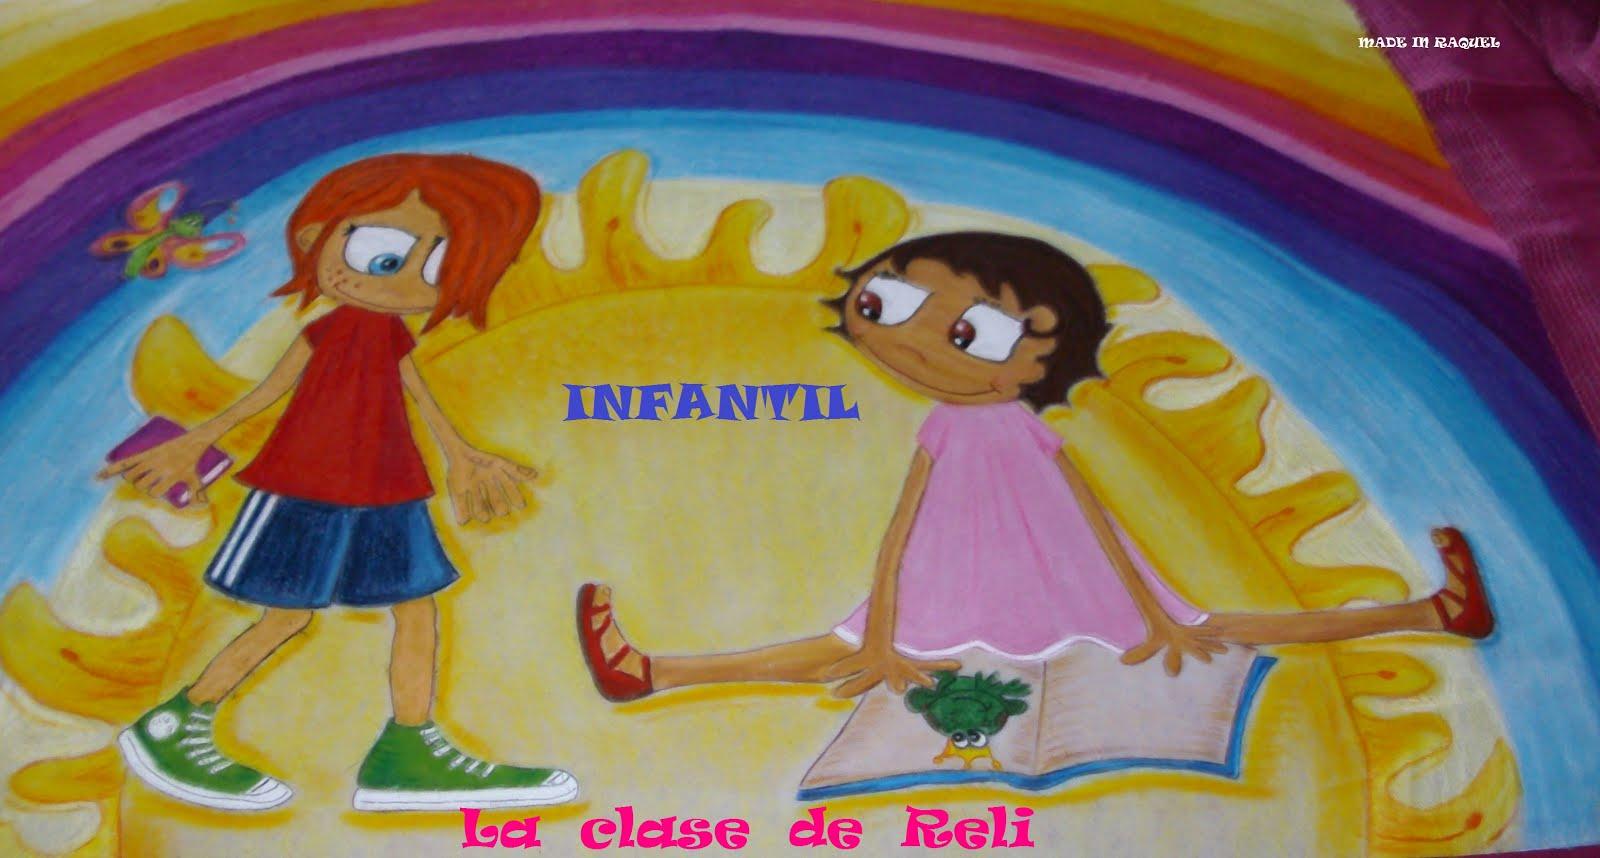 Infantil, la clase de Reli